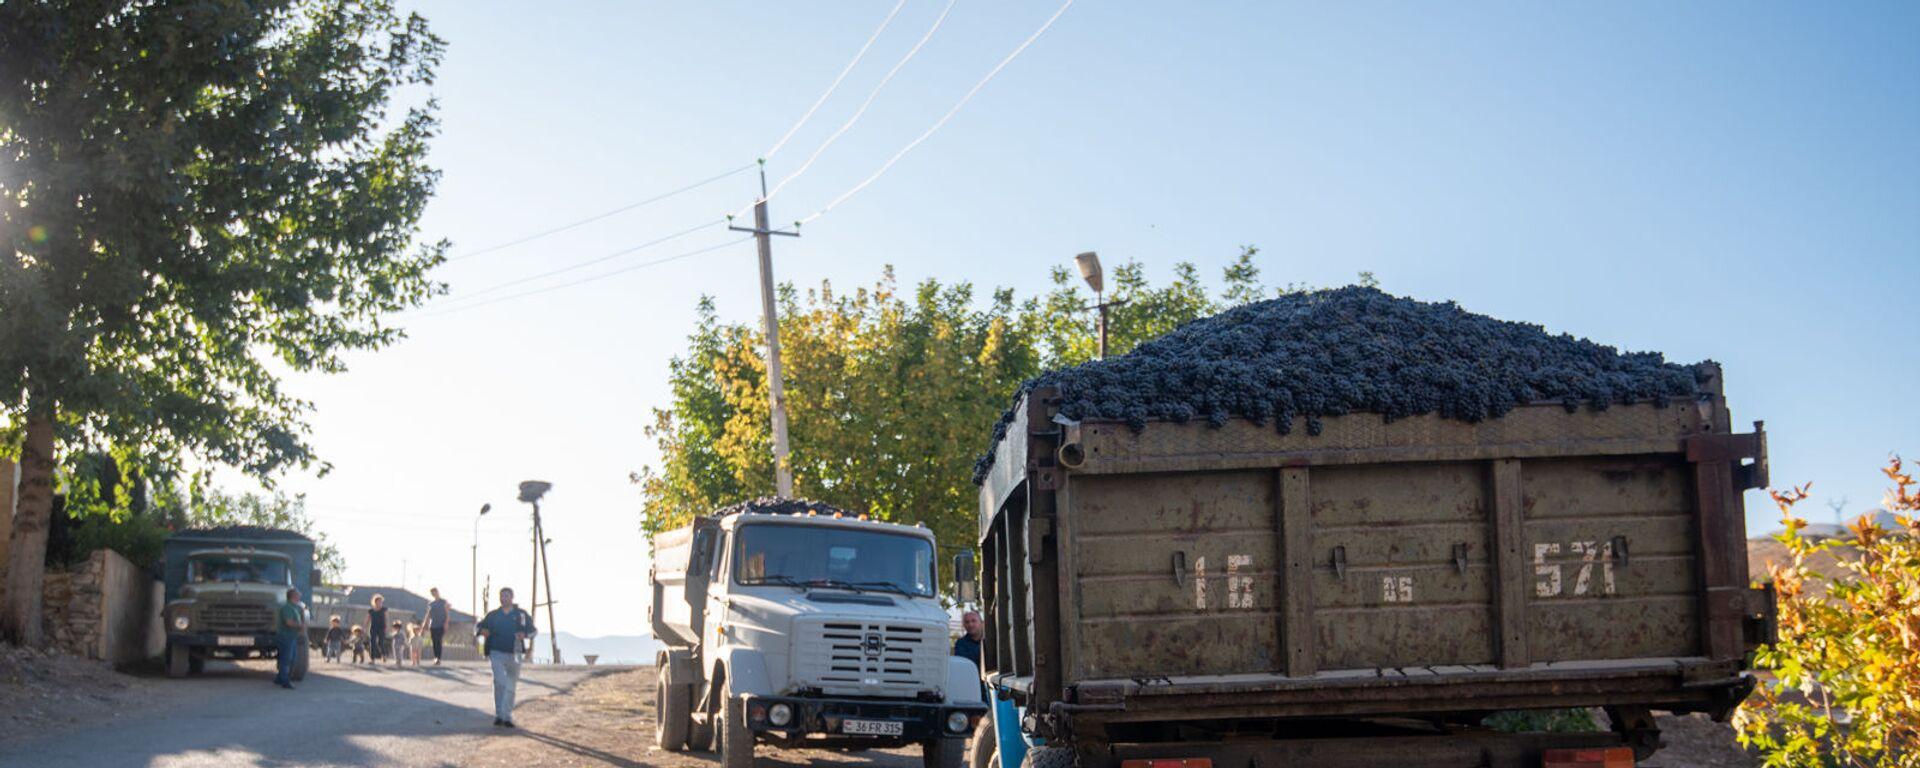 Сбор и закупка винограда в селе Ахавнадзор - Sputnik Армения, 1920, 15.09.2021